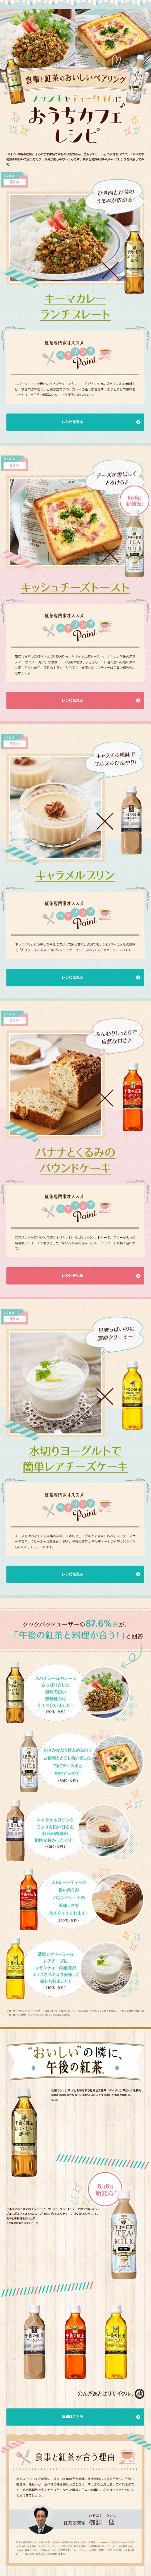 午後の紅茶|WEBデザイナーさん必見!スマホランディングページのデザイン参考に(かわいい系)